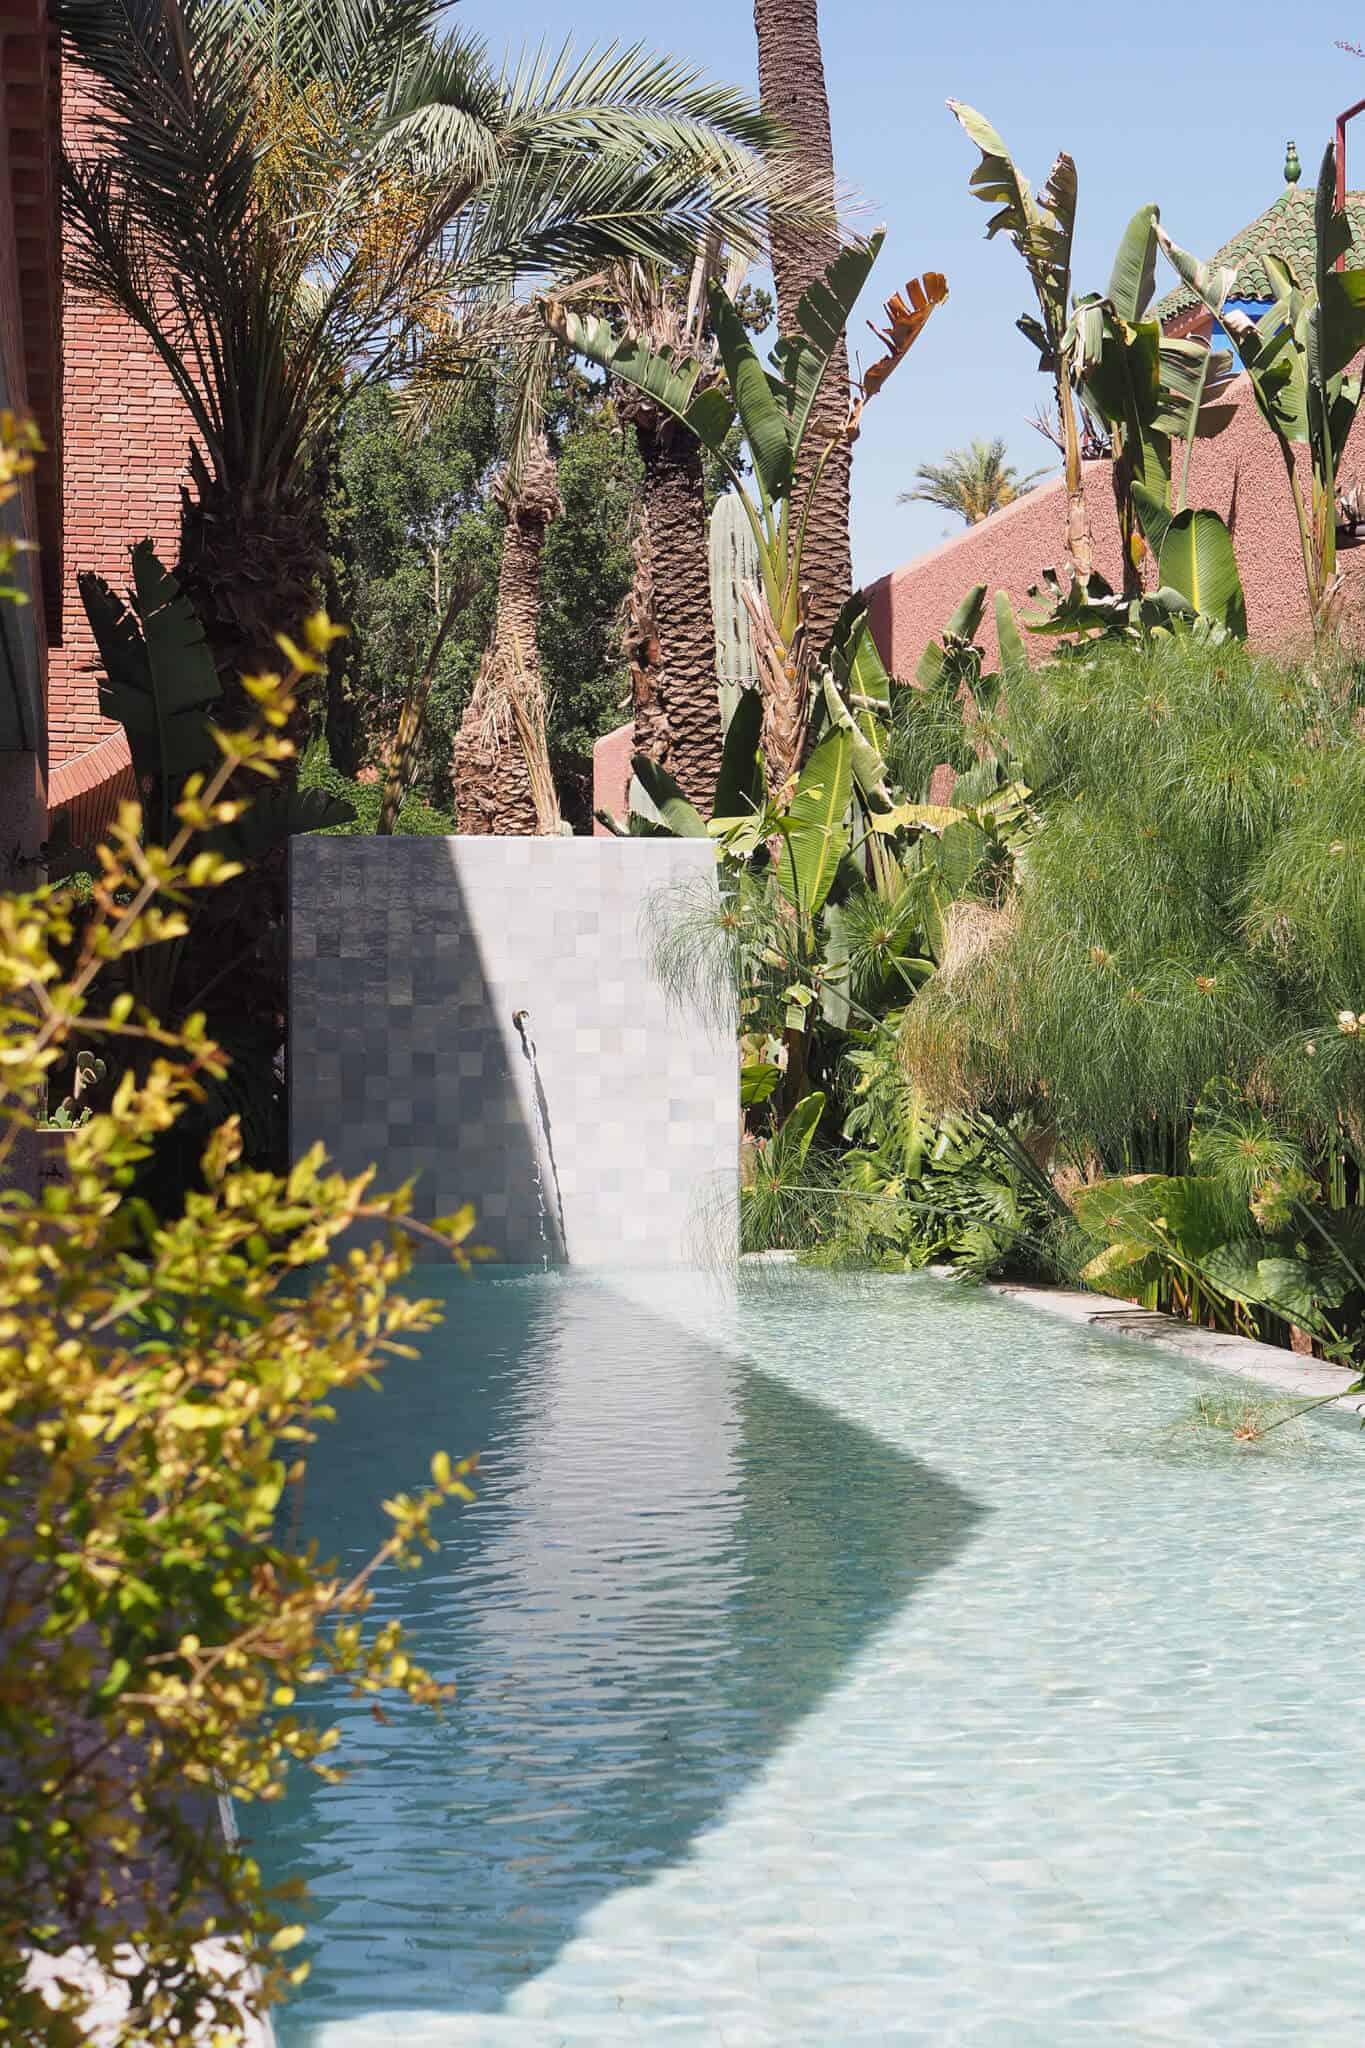 ysl museum pool